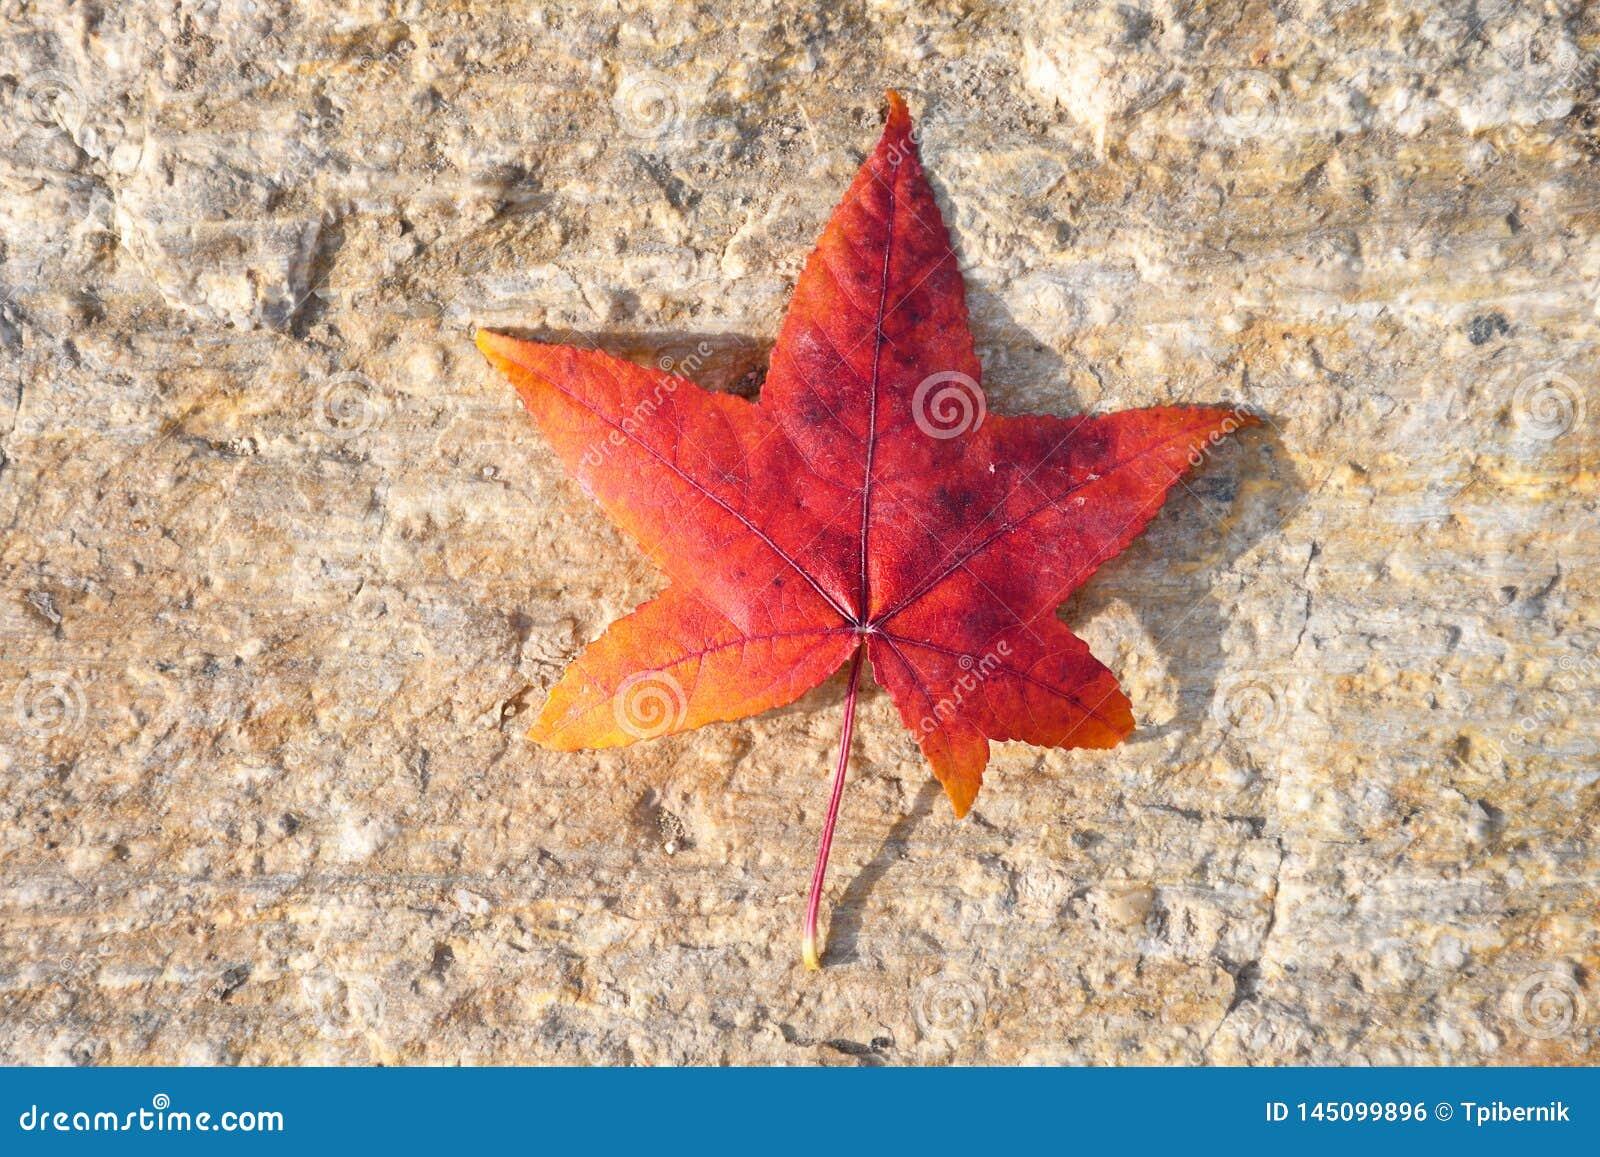 Foglia colorata autunno giallo e rosso vibrante su un fondo di pietra